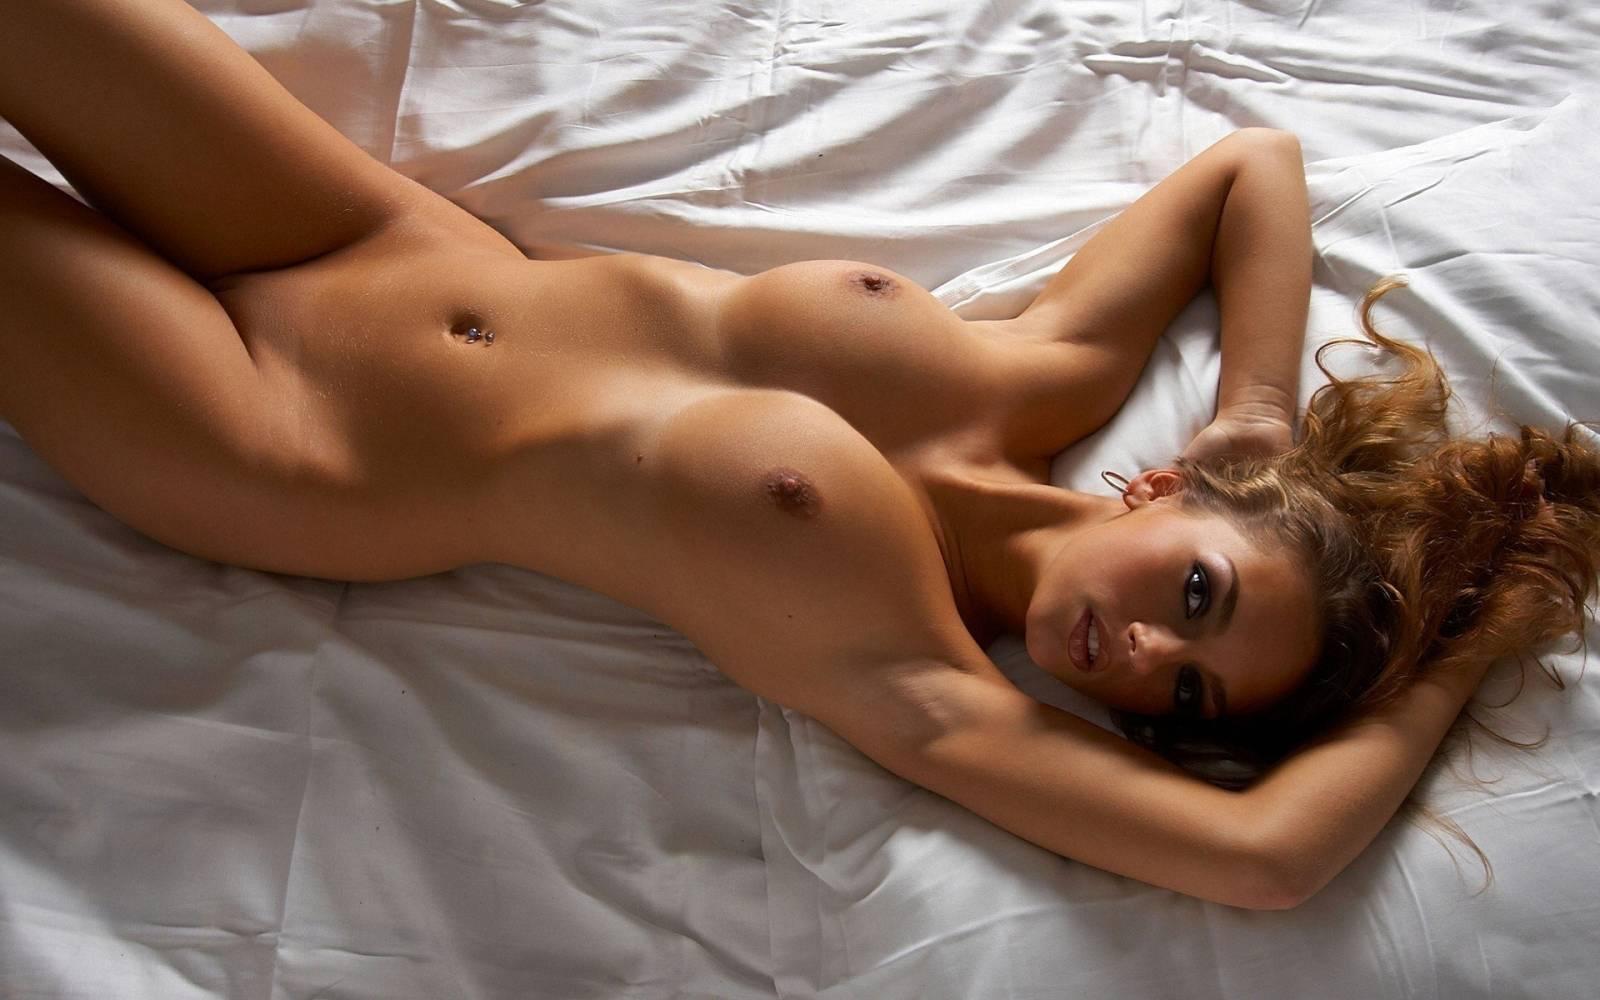 Секс фото голые грудь женщины 19 фотография